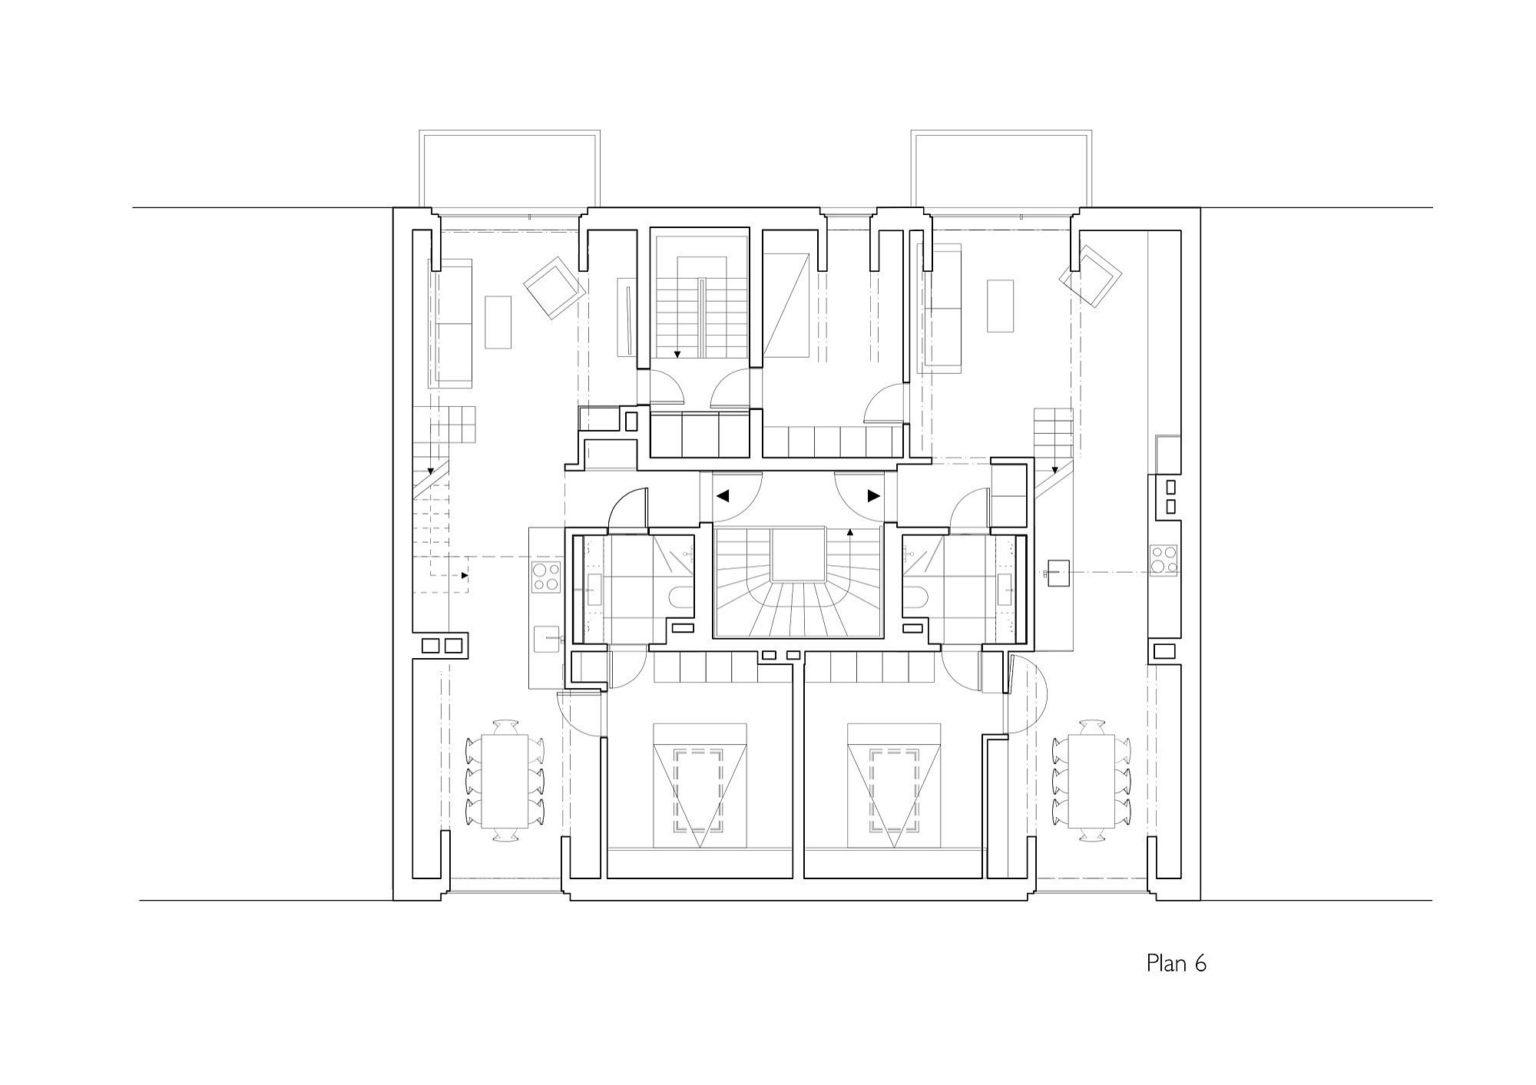 Biến hóa gác xép cũ thành căn hộ hiện đại, xinh xắn đầy ánh sáng tự nhiên - Ảnh 10